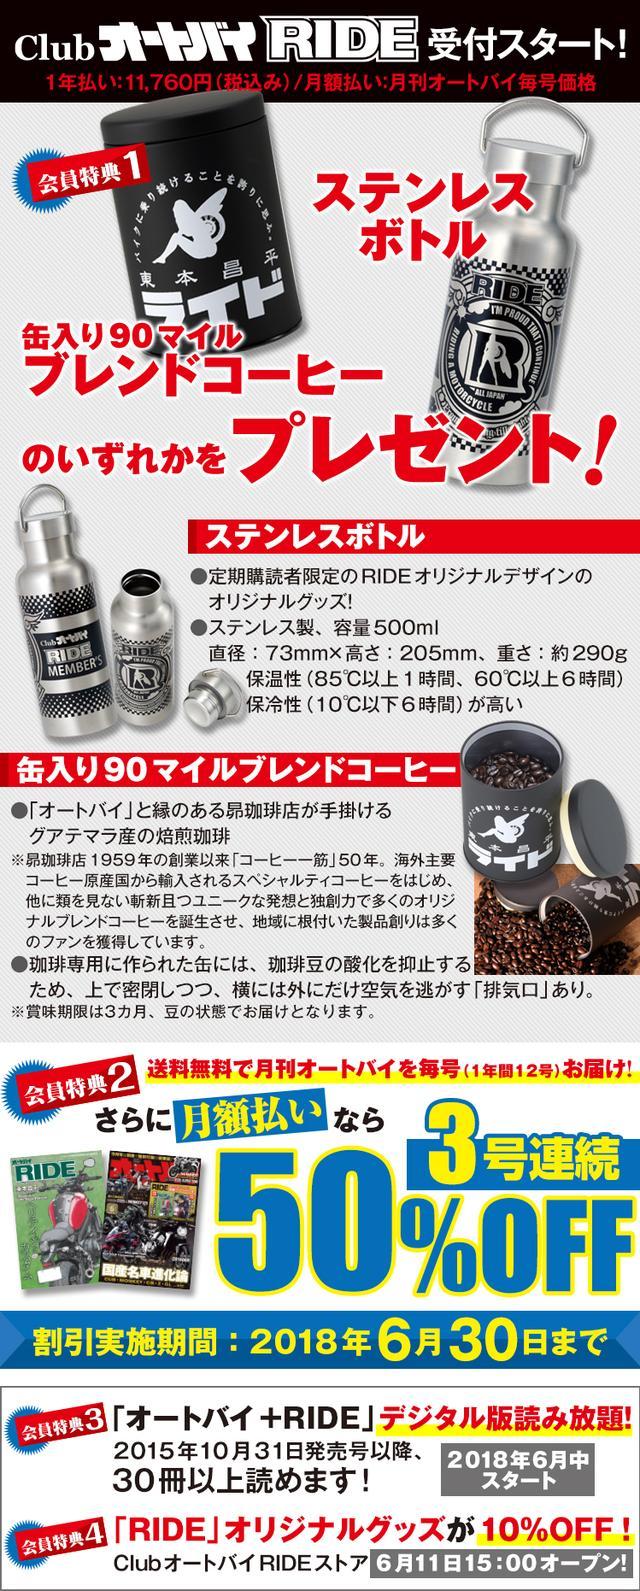 画像: CLUBオートバイRIDE会員募集!!!!